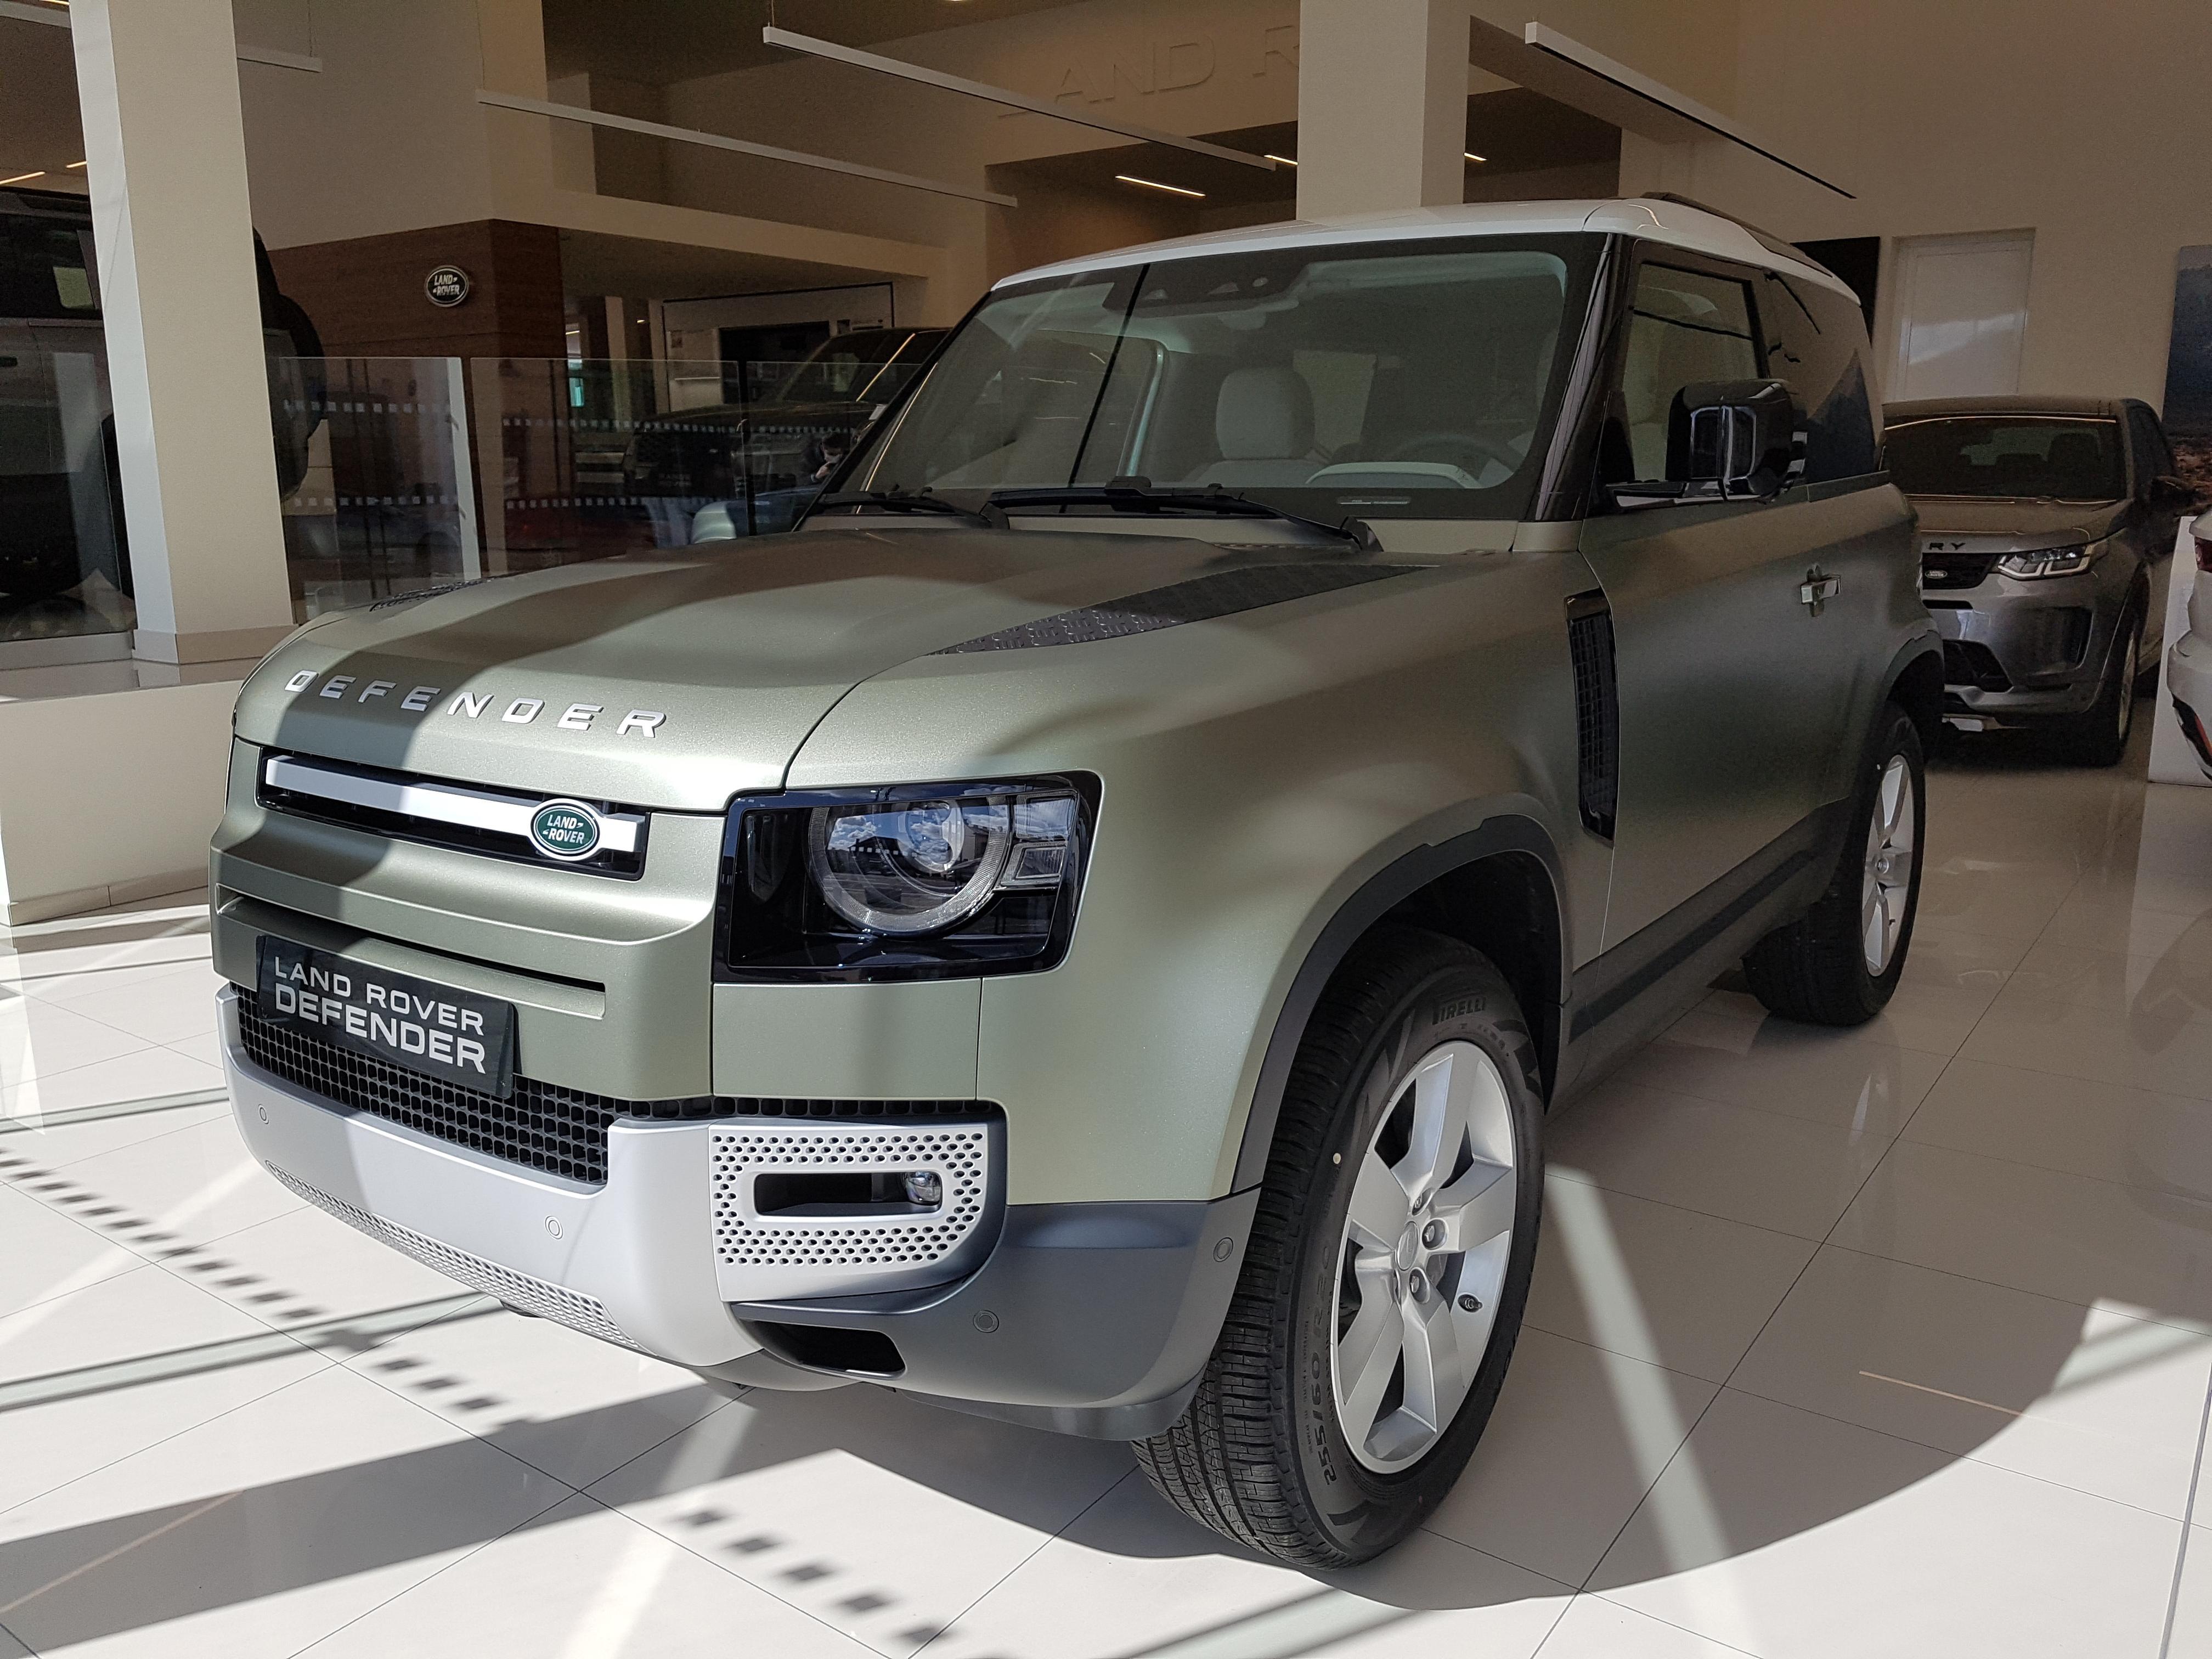 Land Rover Defender First Edition 6 cylindres en l